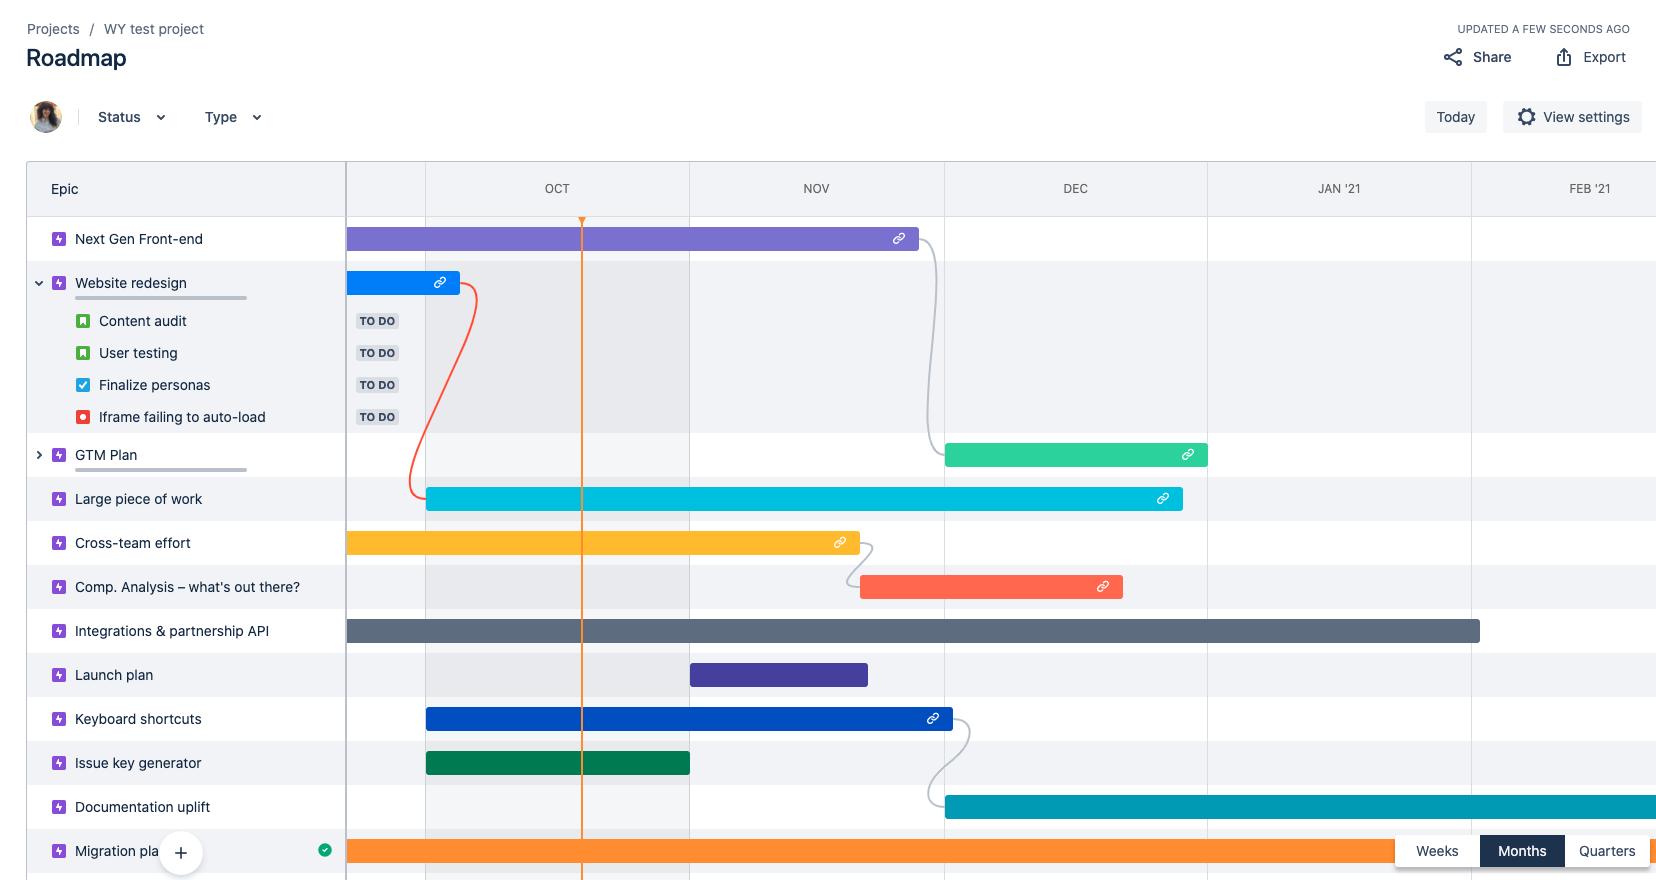 Снимок экрана с эпиками и связанными с ними задачами на дорожной карте нового поколения JSW